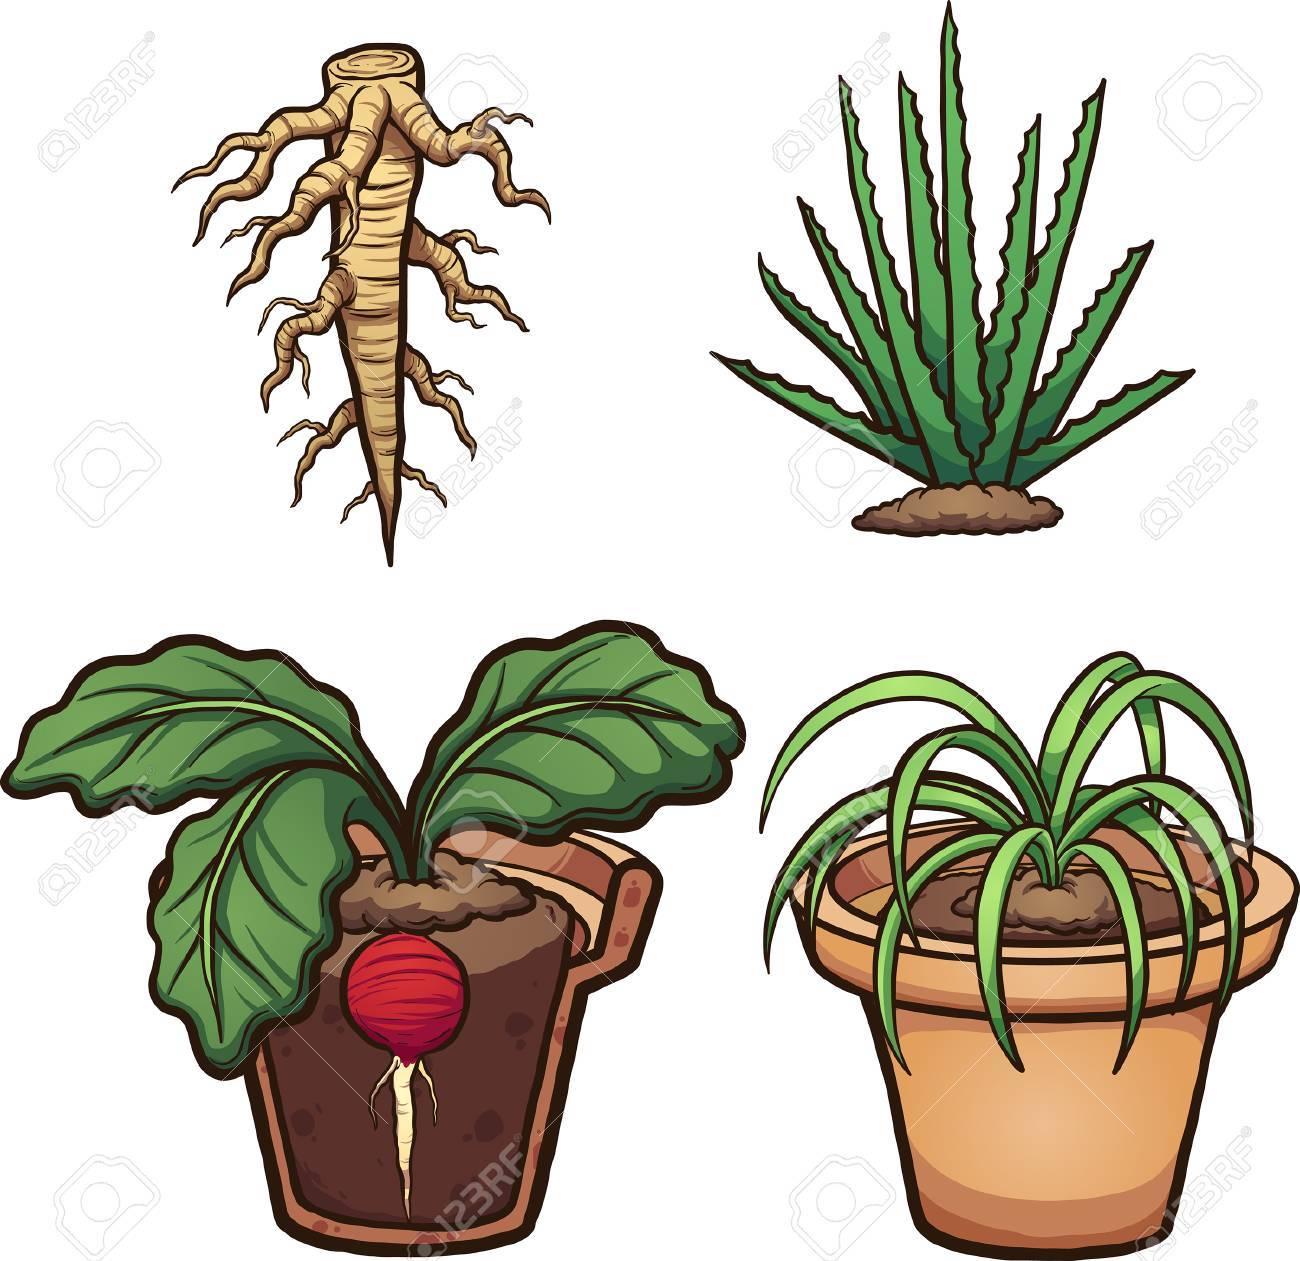 Plantes De Dessin Animé Racines Et Pot De Fleur Illustration De Clipart Vectoriel Avec Des Dégradés Simples Certains éléments Sur Des Calques